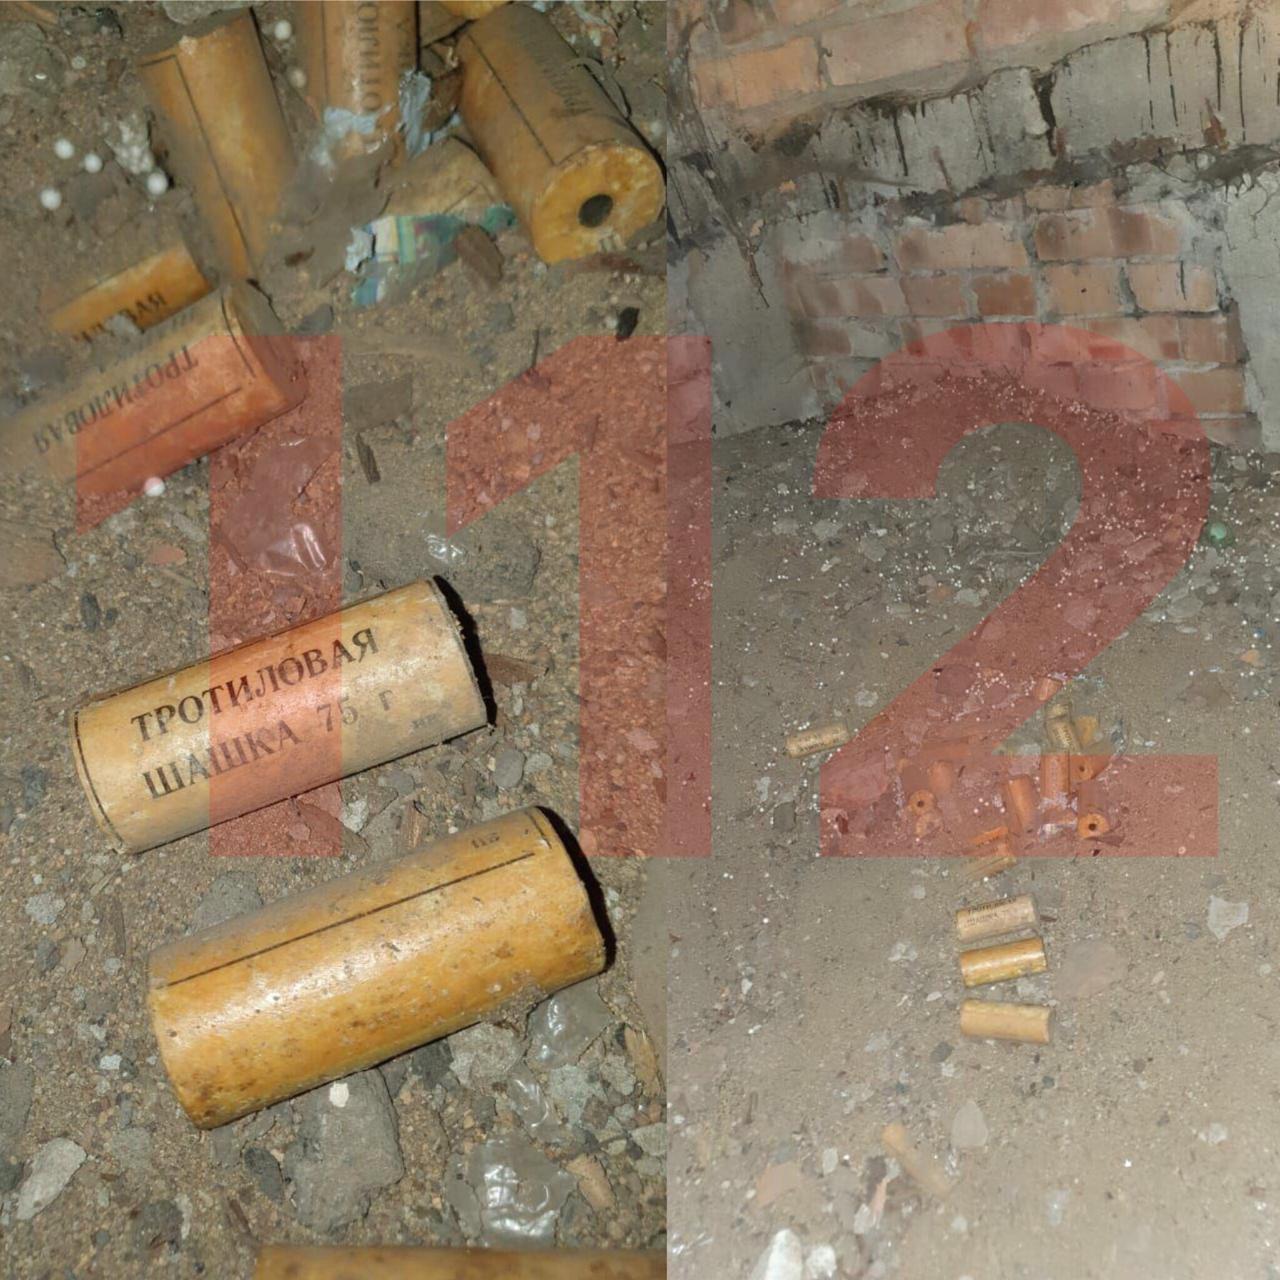 В подвале дома в Санкт-Петербурге нашли 9 килограммов тротила